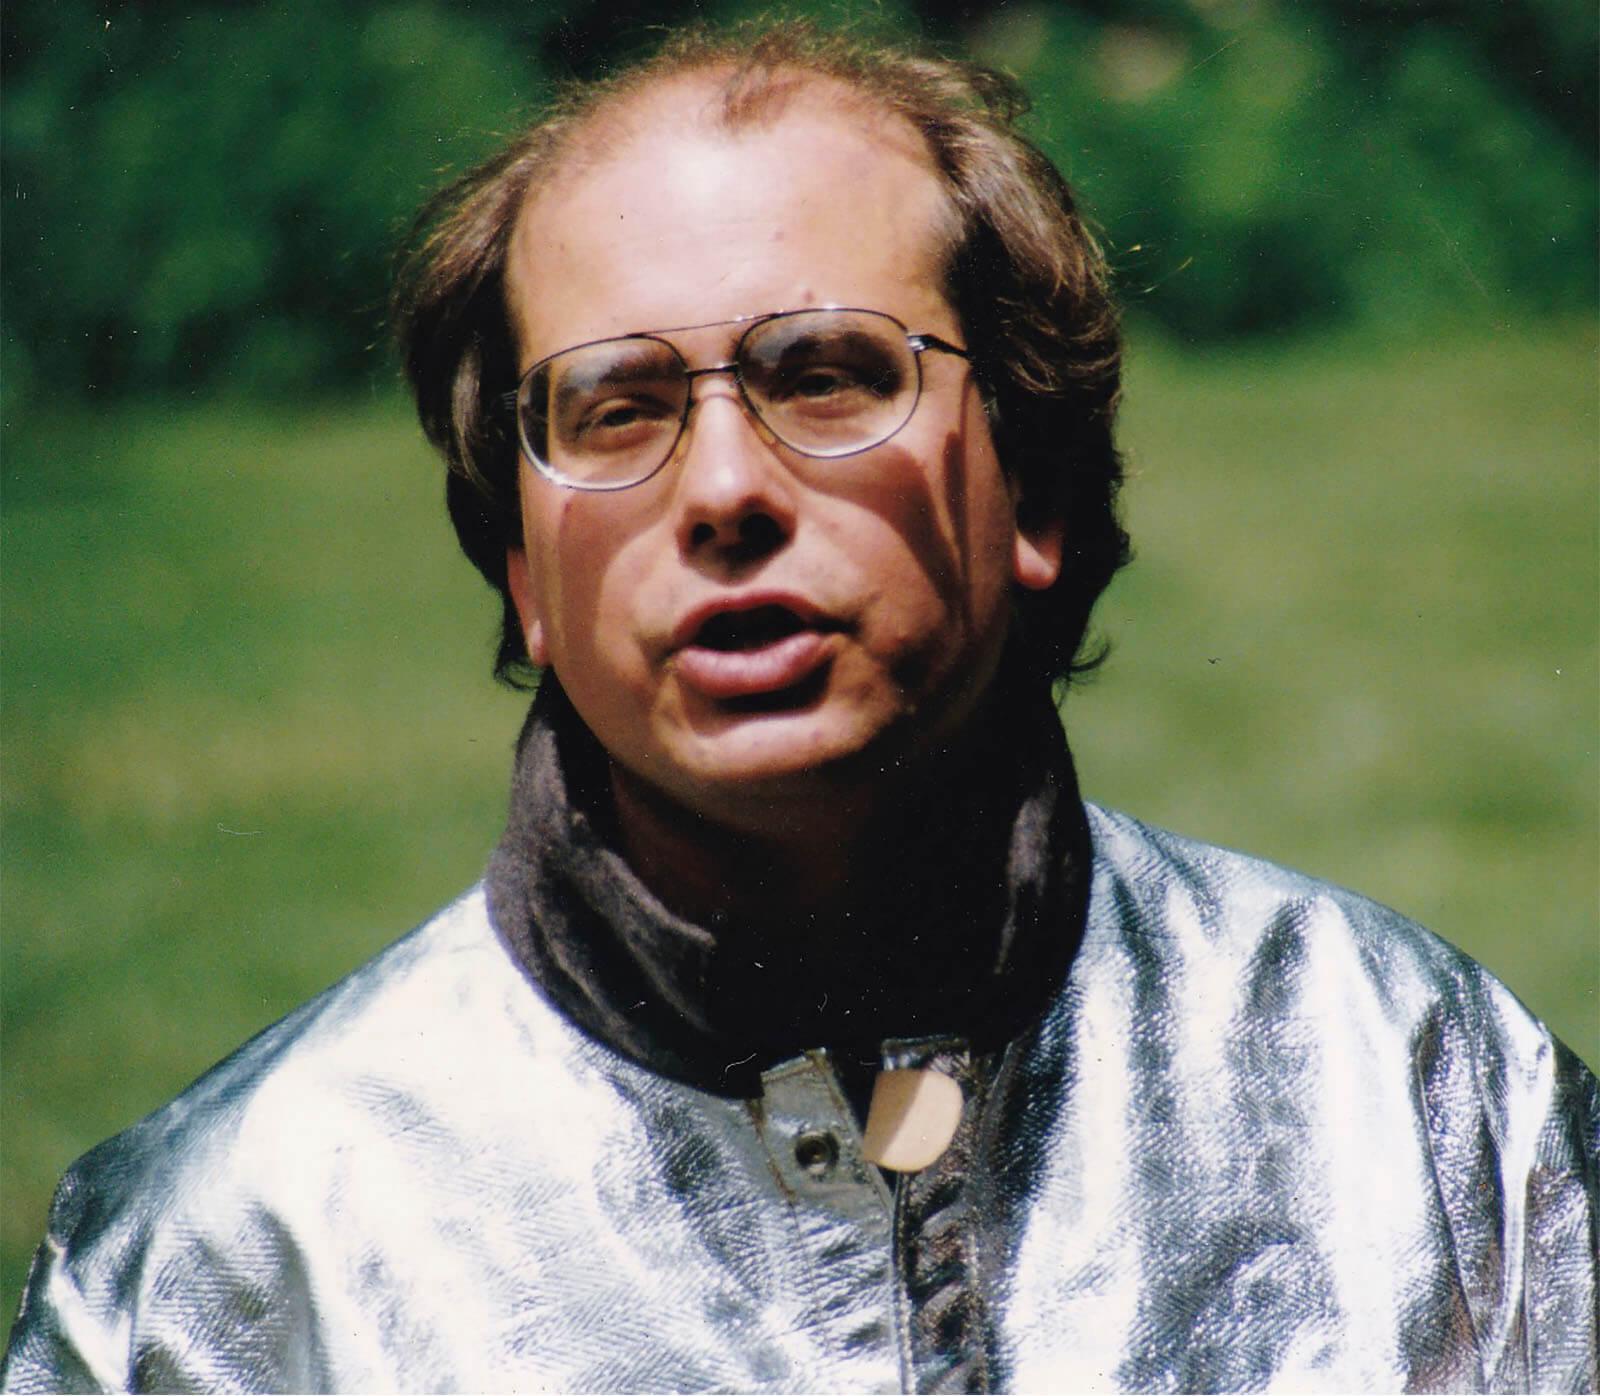 Sculptor Andrew DeVries